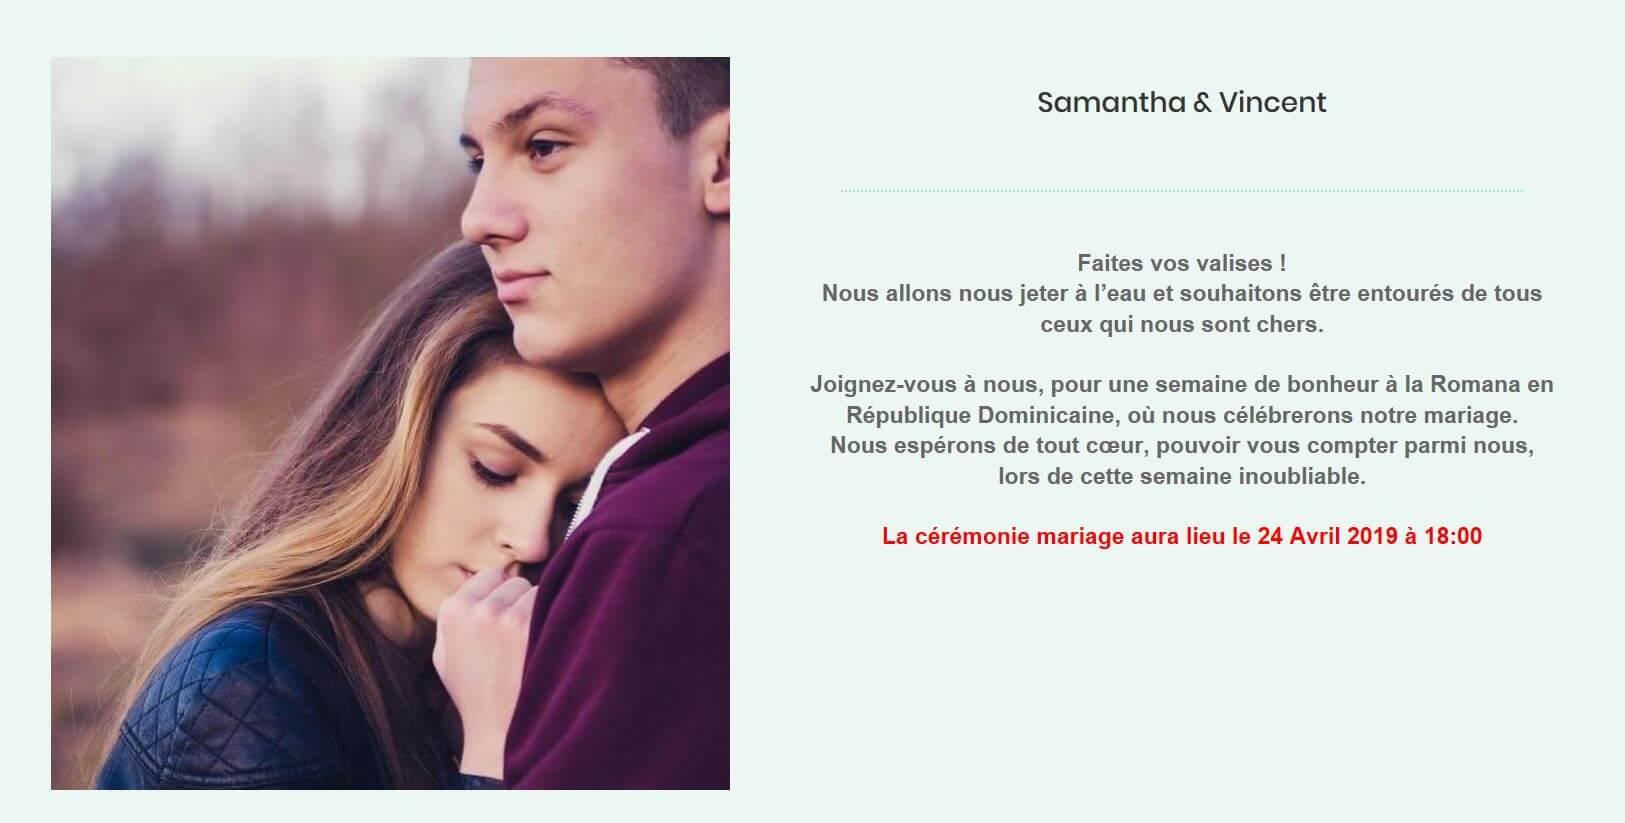 Site Internet Mariage Dans Le Sud Gratuit Mariage Dans Le